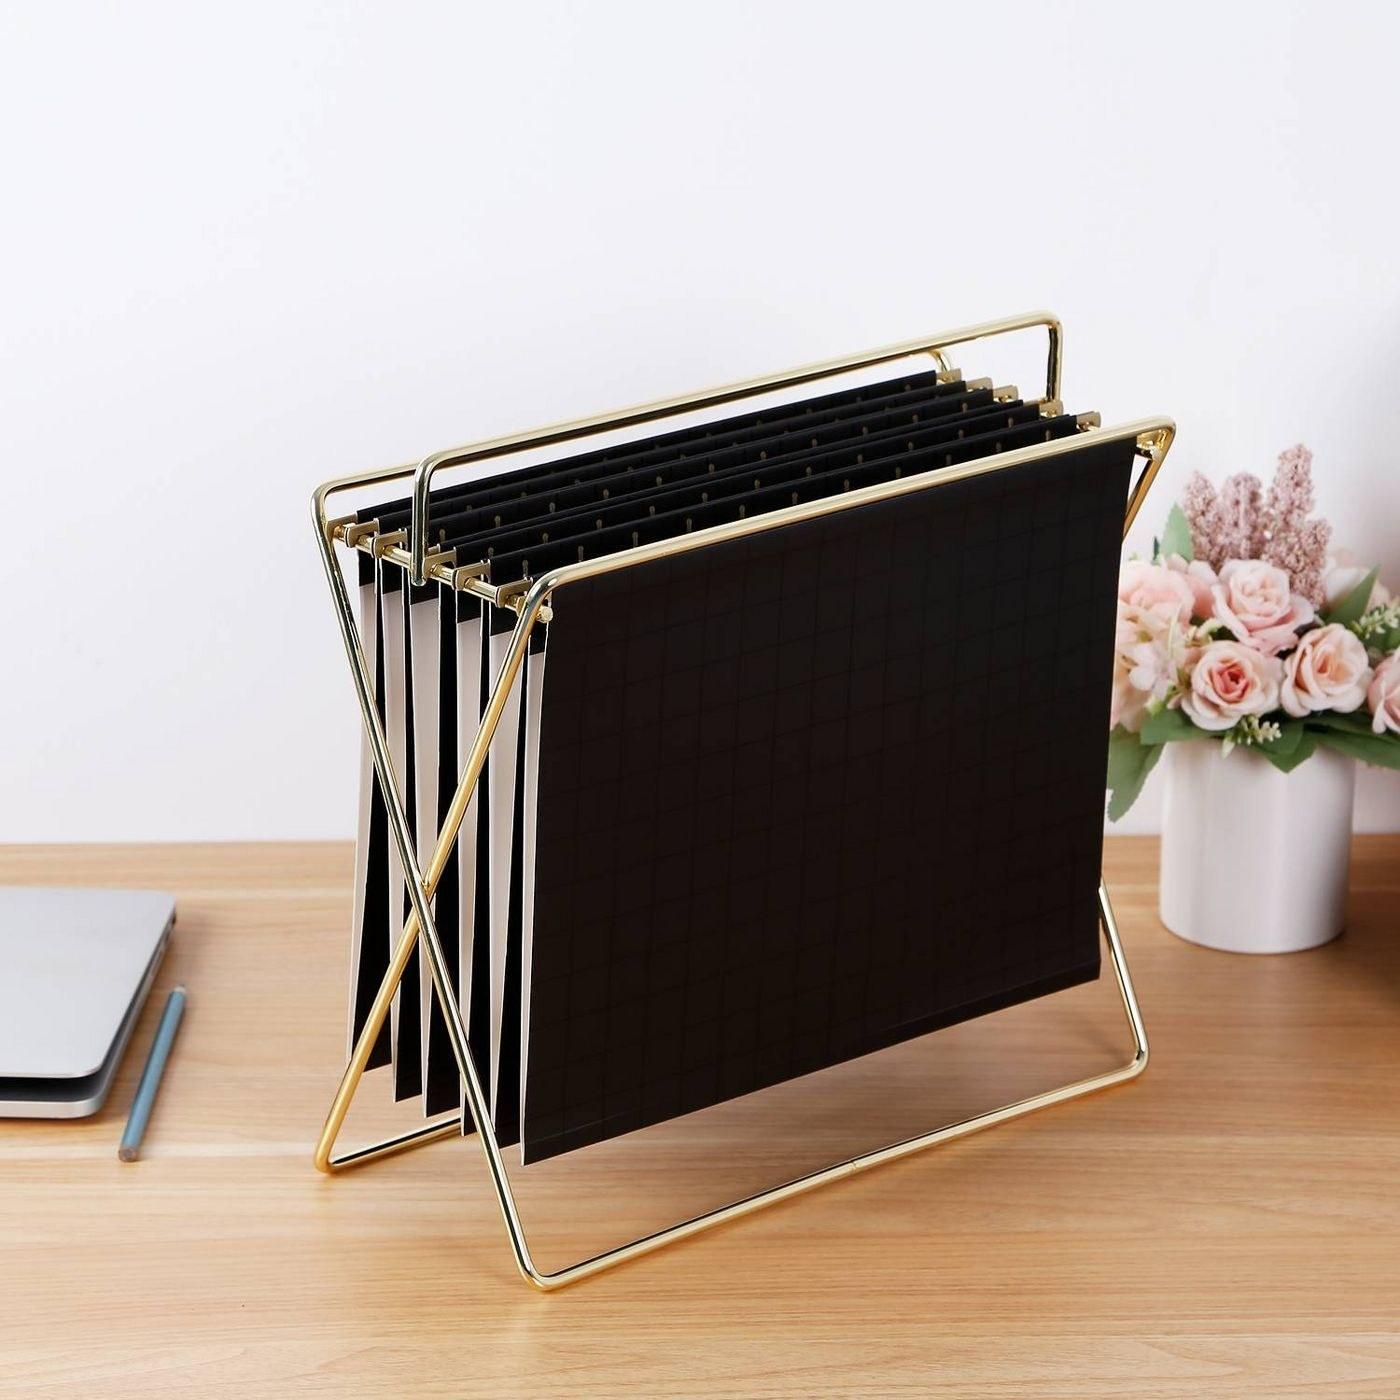 A black and gold hanging file folder on a desk